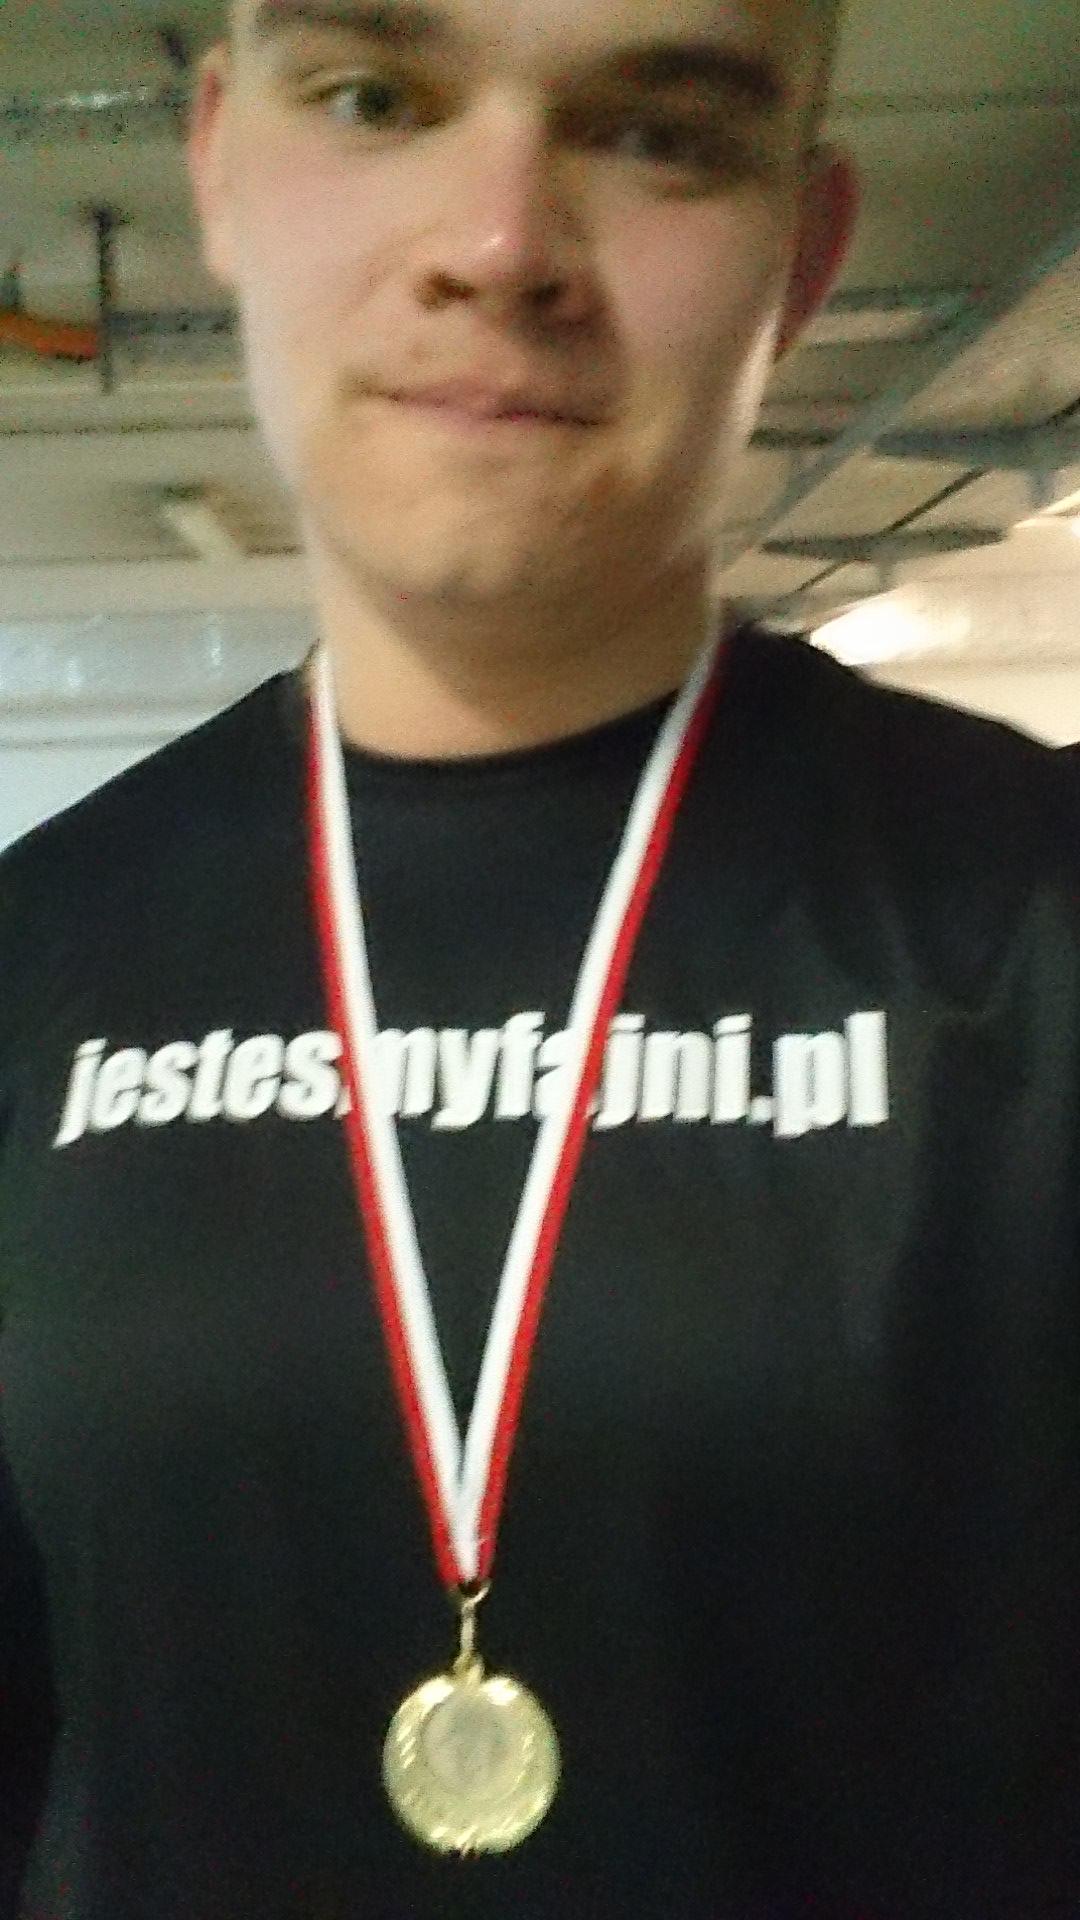 bieg policz sięz cukrzycą wośp jestesmyfajni szczecin medal oficjalna koszulka